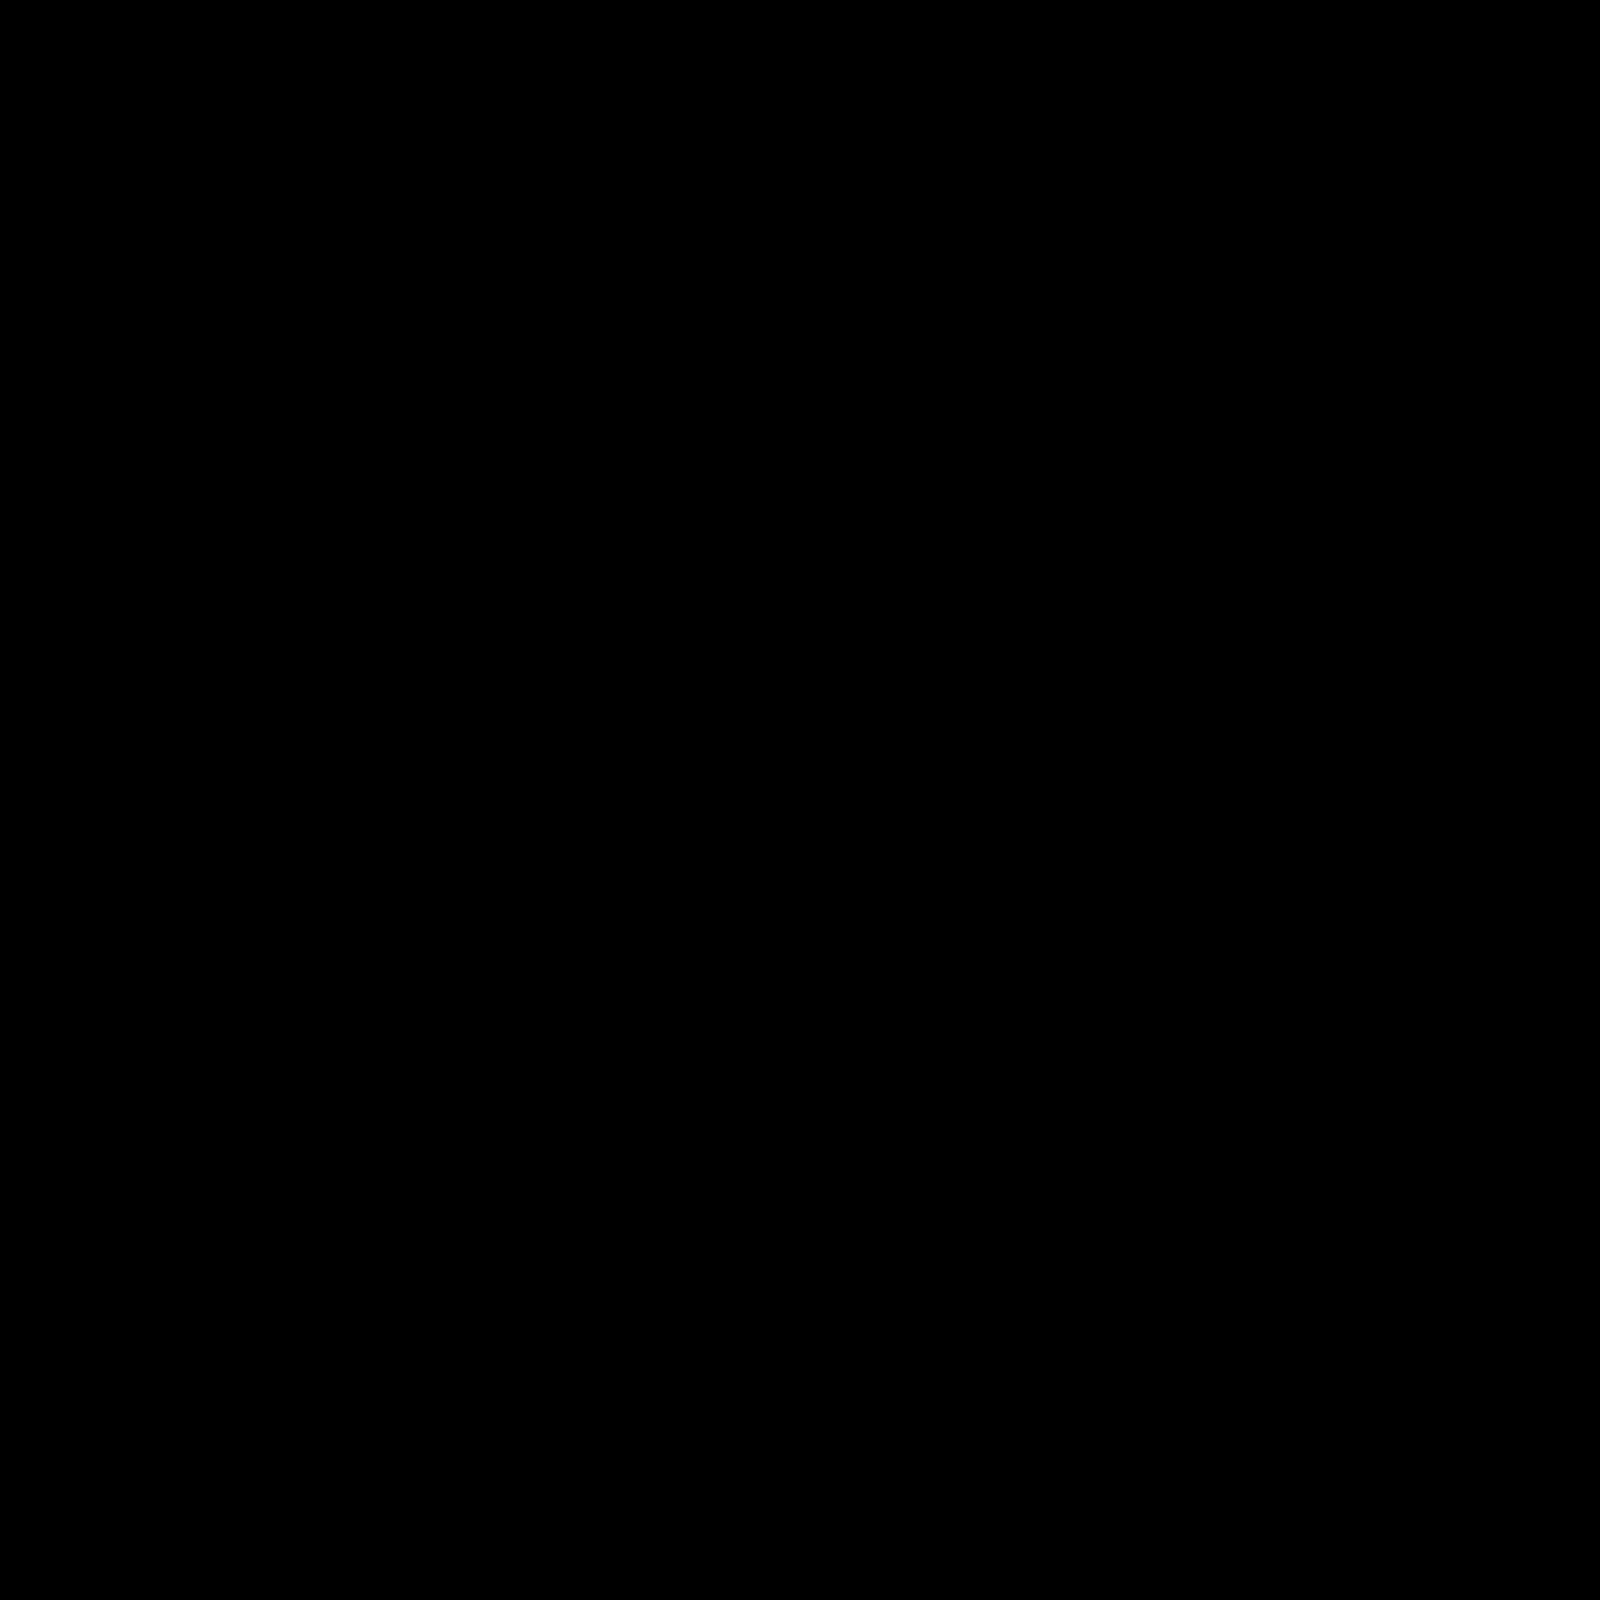 Zakreślone Z icon